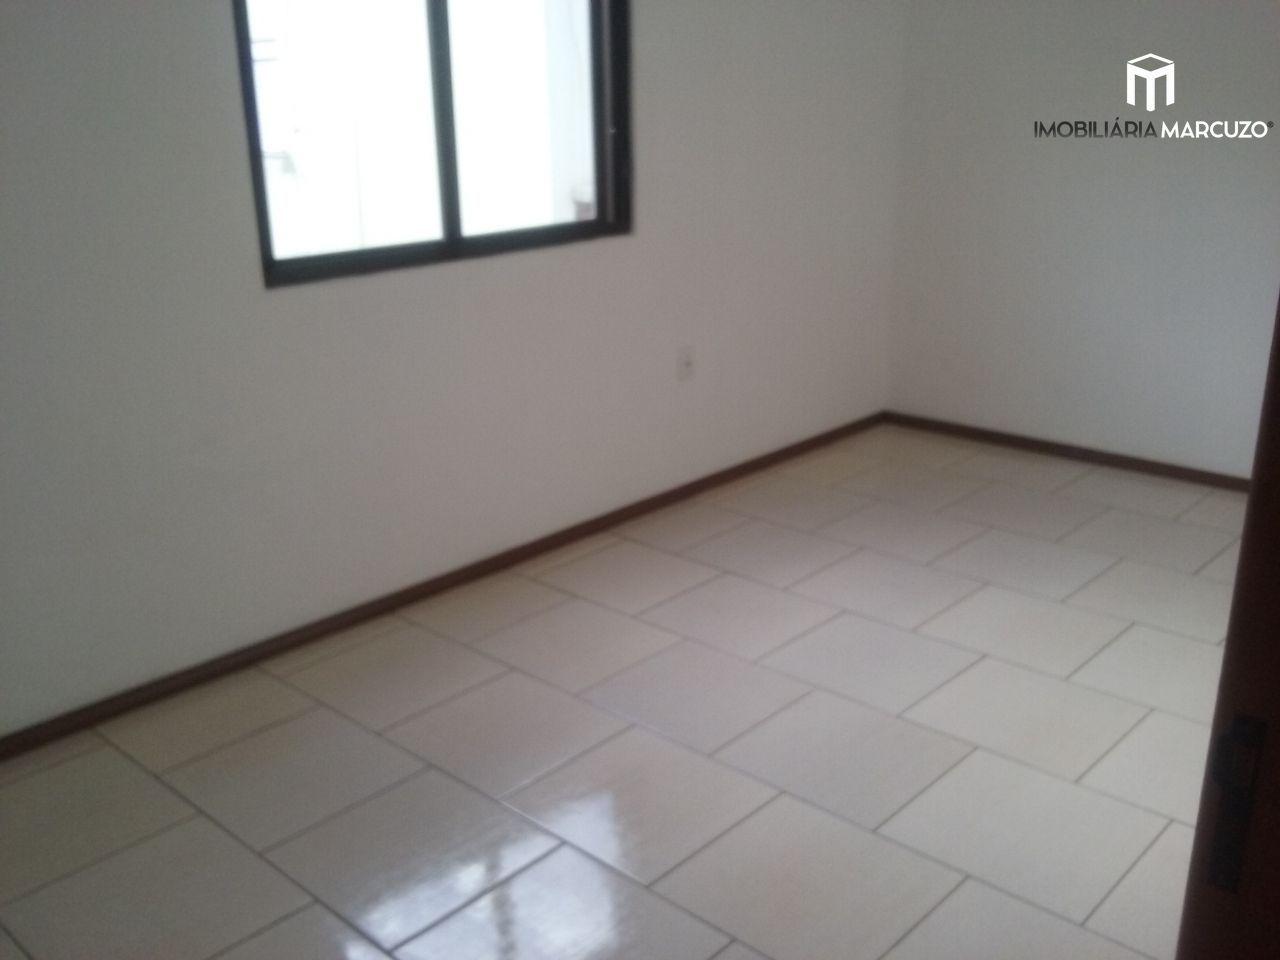 Apartamento com 2 Dormitórios à venda, 75 m² por R$ 268.000,00